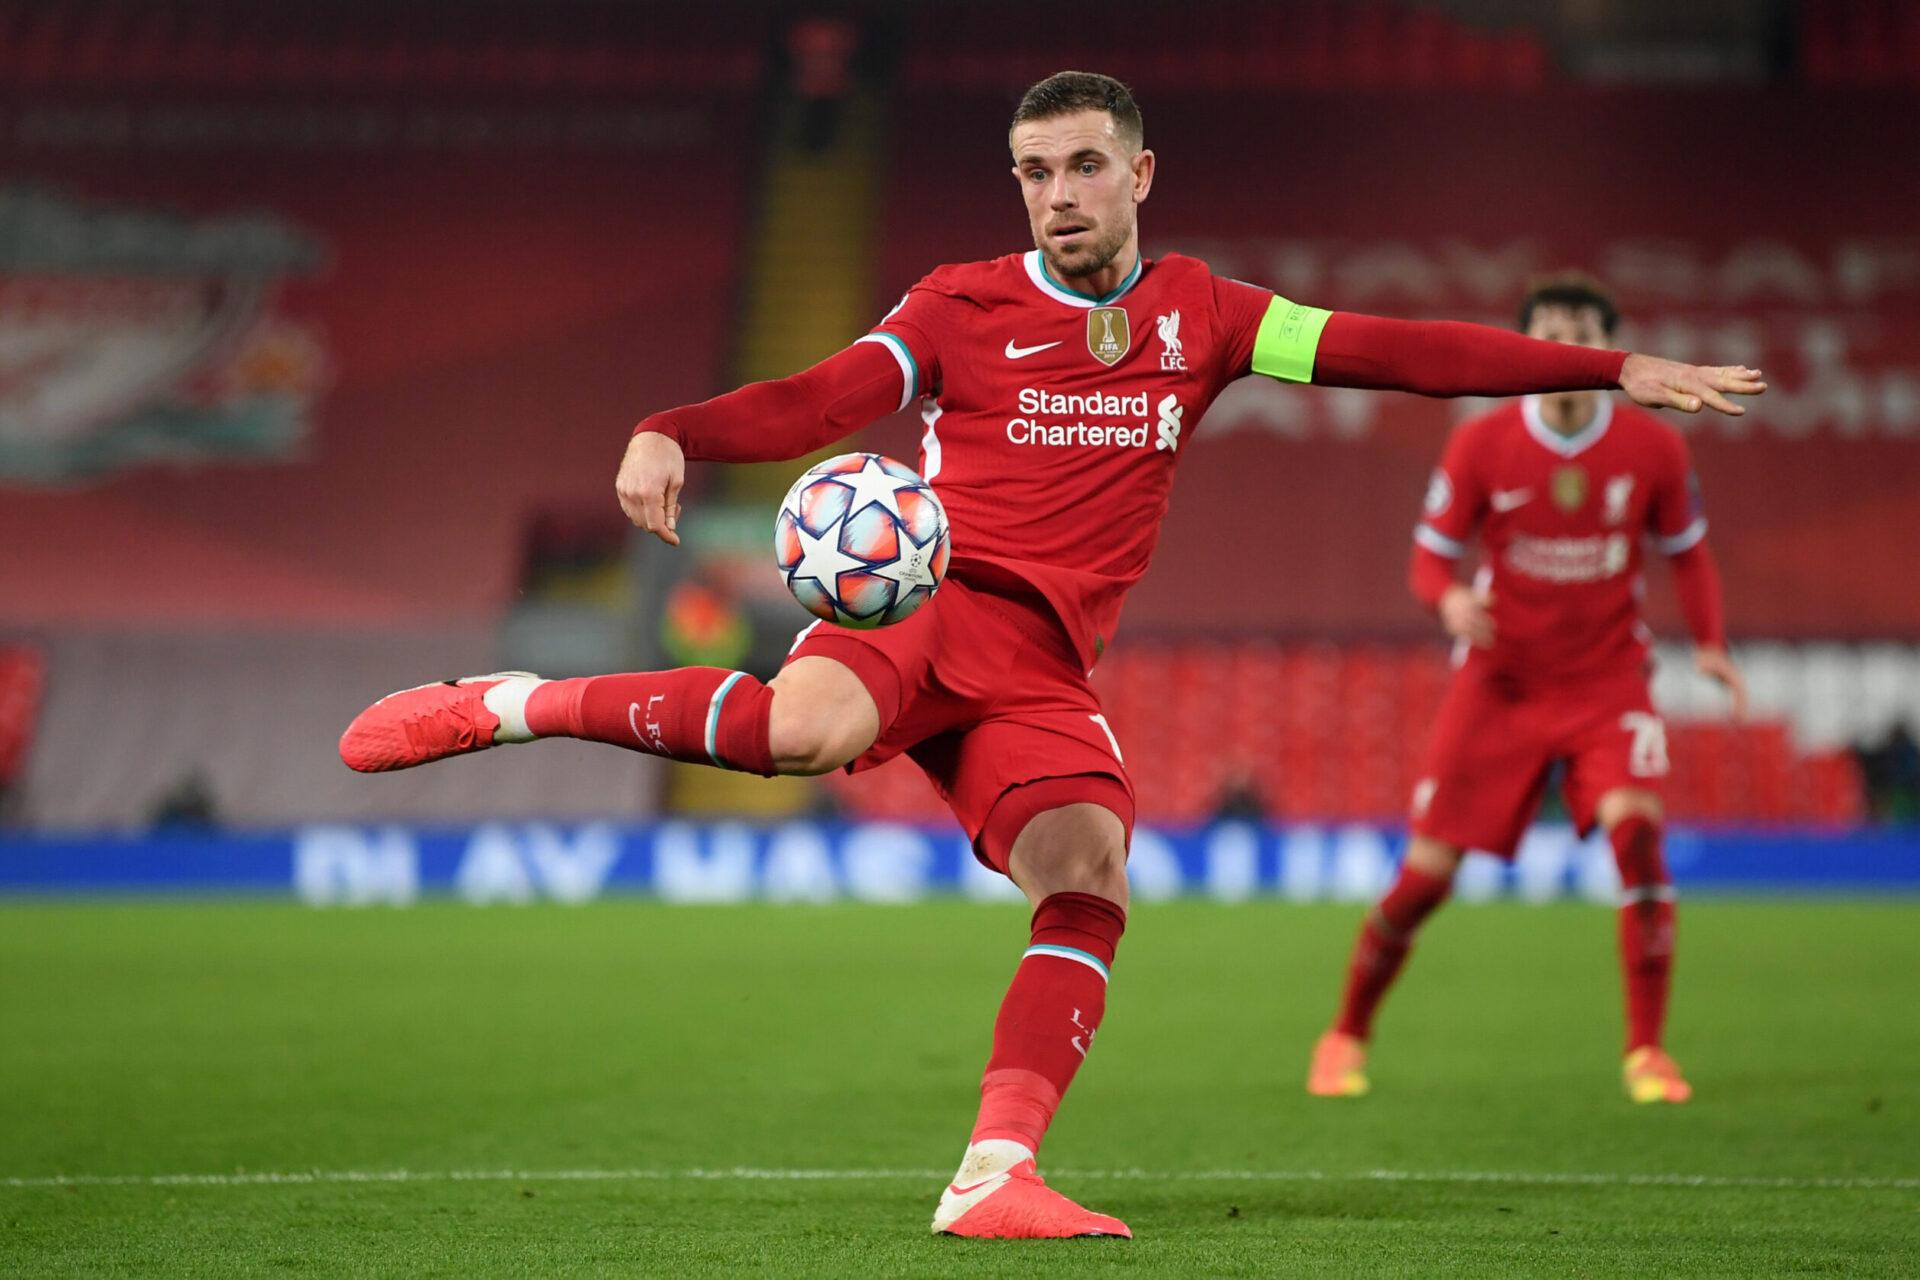 Arrivé à Liverpool en 2011, Jordan Henderson s'est rapidement imposé chez les Reds. Devenu capitaine, il a été désigné meilleur joueur FWA de la Premier League en 2020 (iconsport)